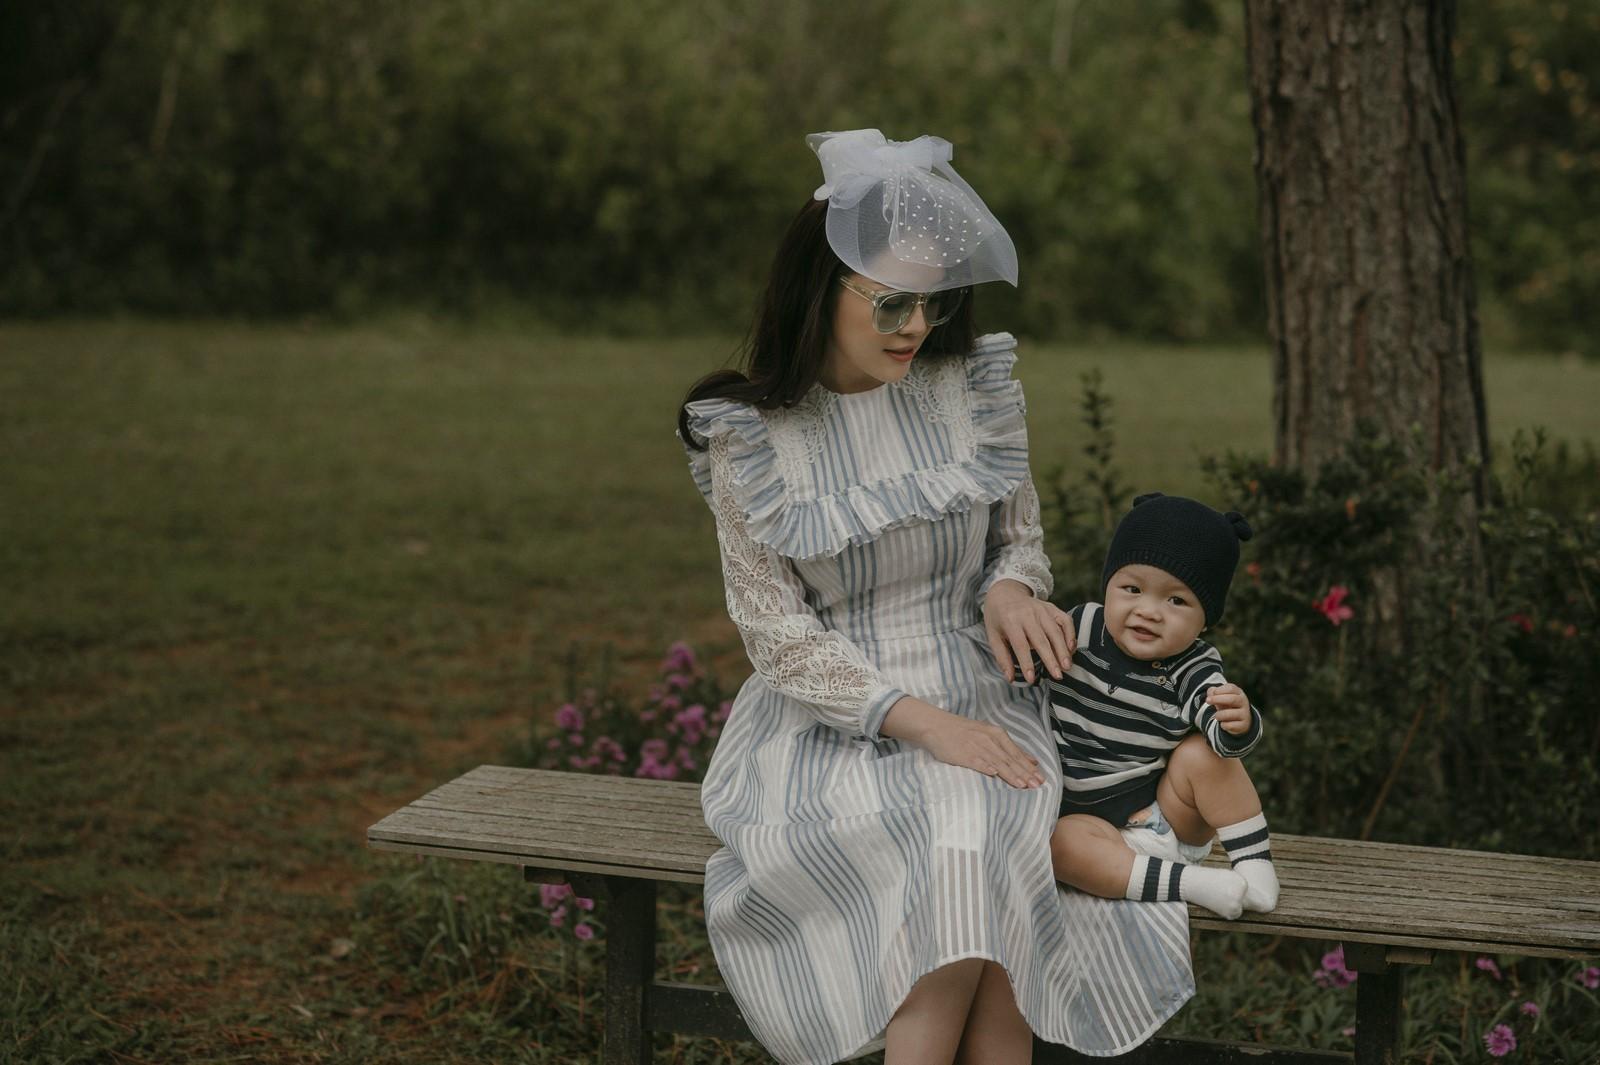 Giải trí - Dương Cẩm Lynh: 'Con trai đã cùng tôi chịu những mệt mỏi từ khá sớm'